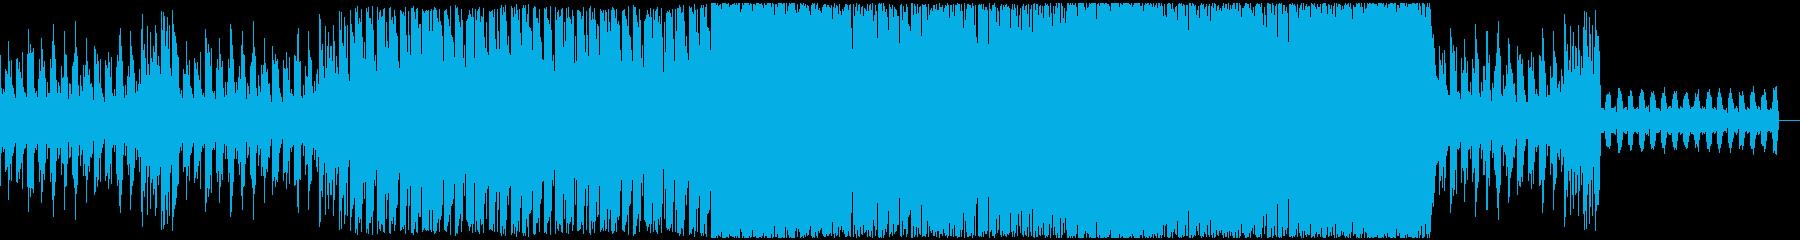 緊迫感がある曲の再生済みの波形